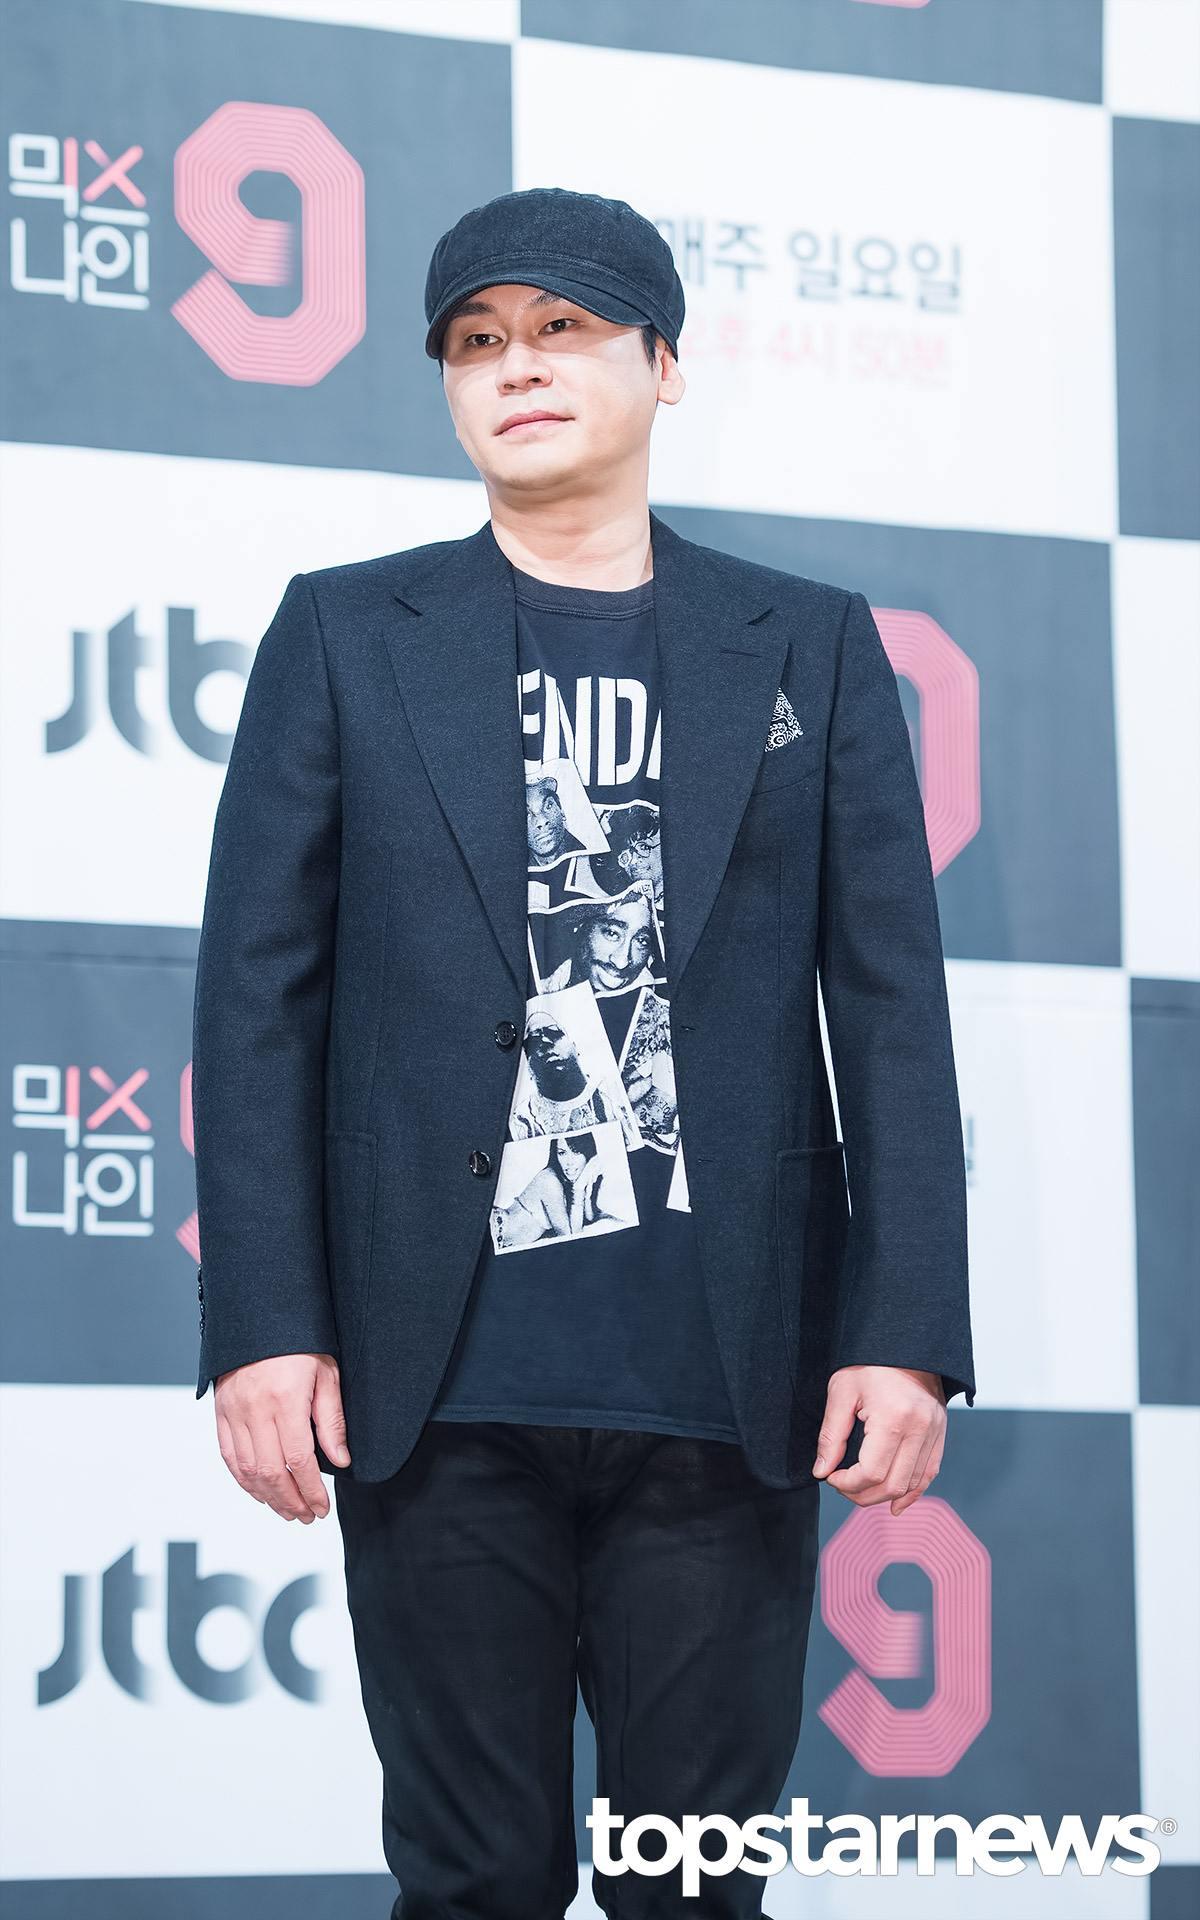 而最近YG社長楊賢碩因為宋旻浩的主打歌《FIANCÉ》公開對上韓國電視台Mnet,直接在個人instagram貼出與公司職員的對話內容……